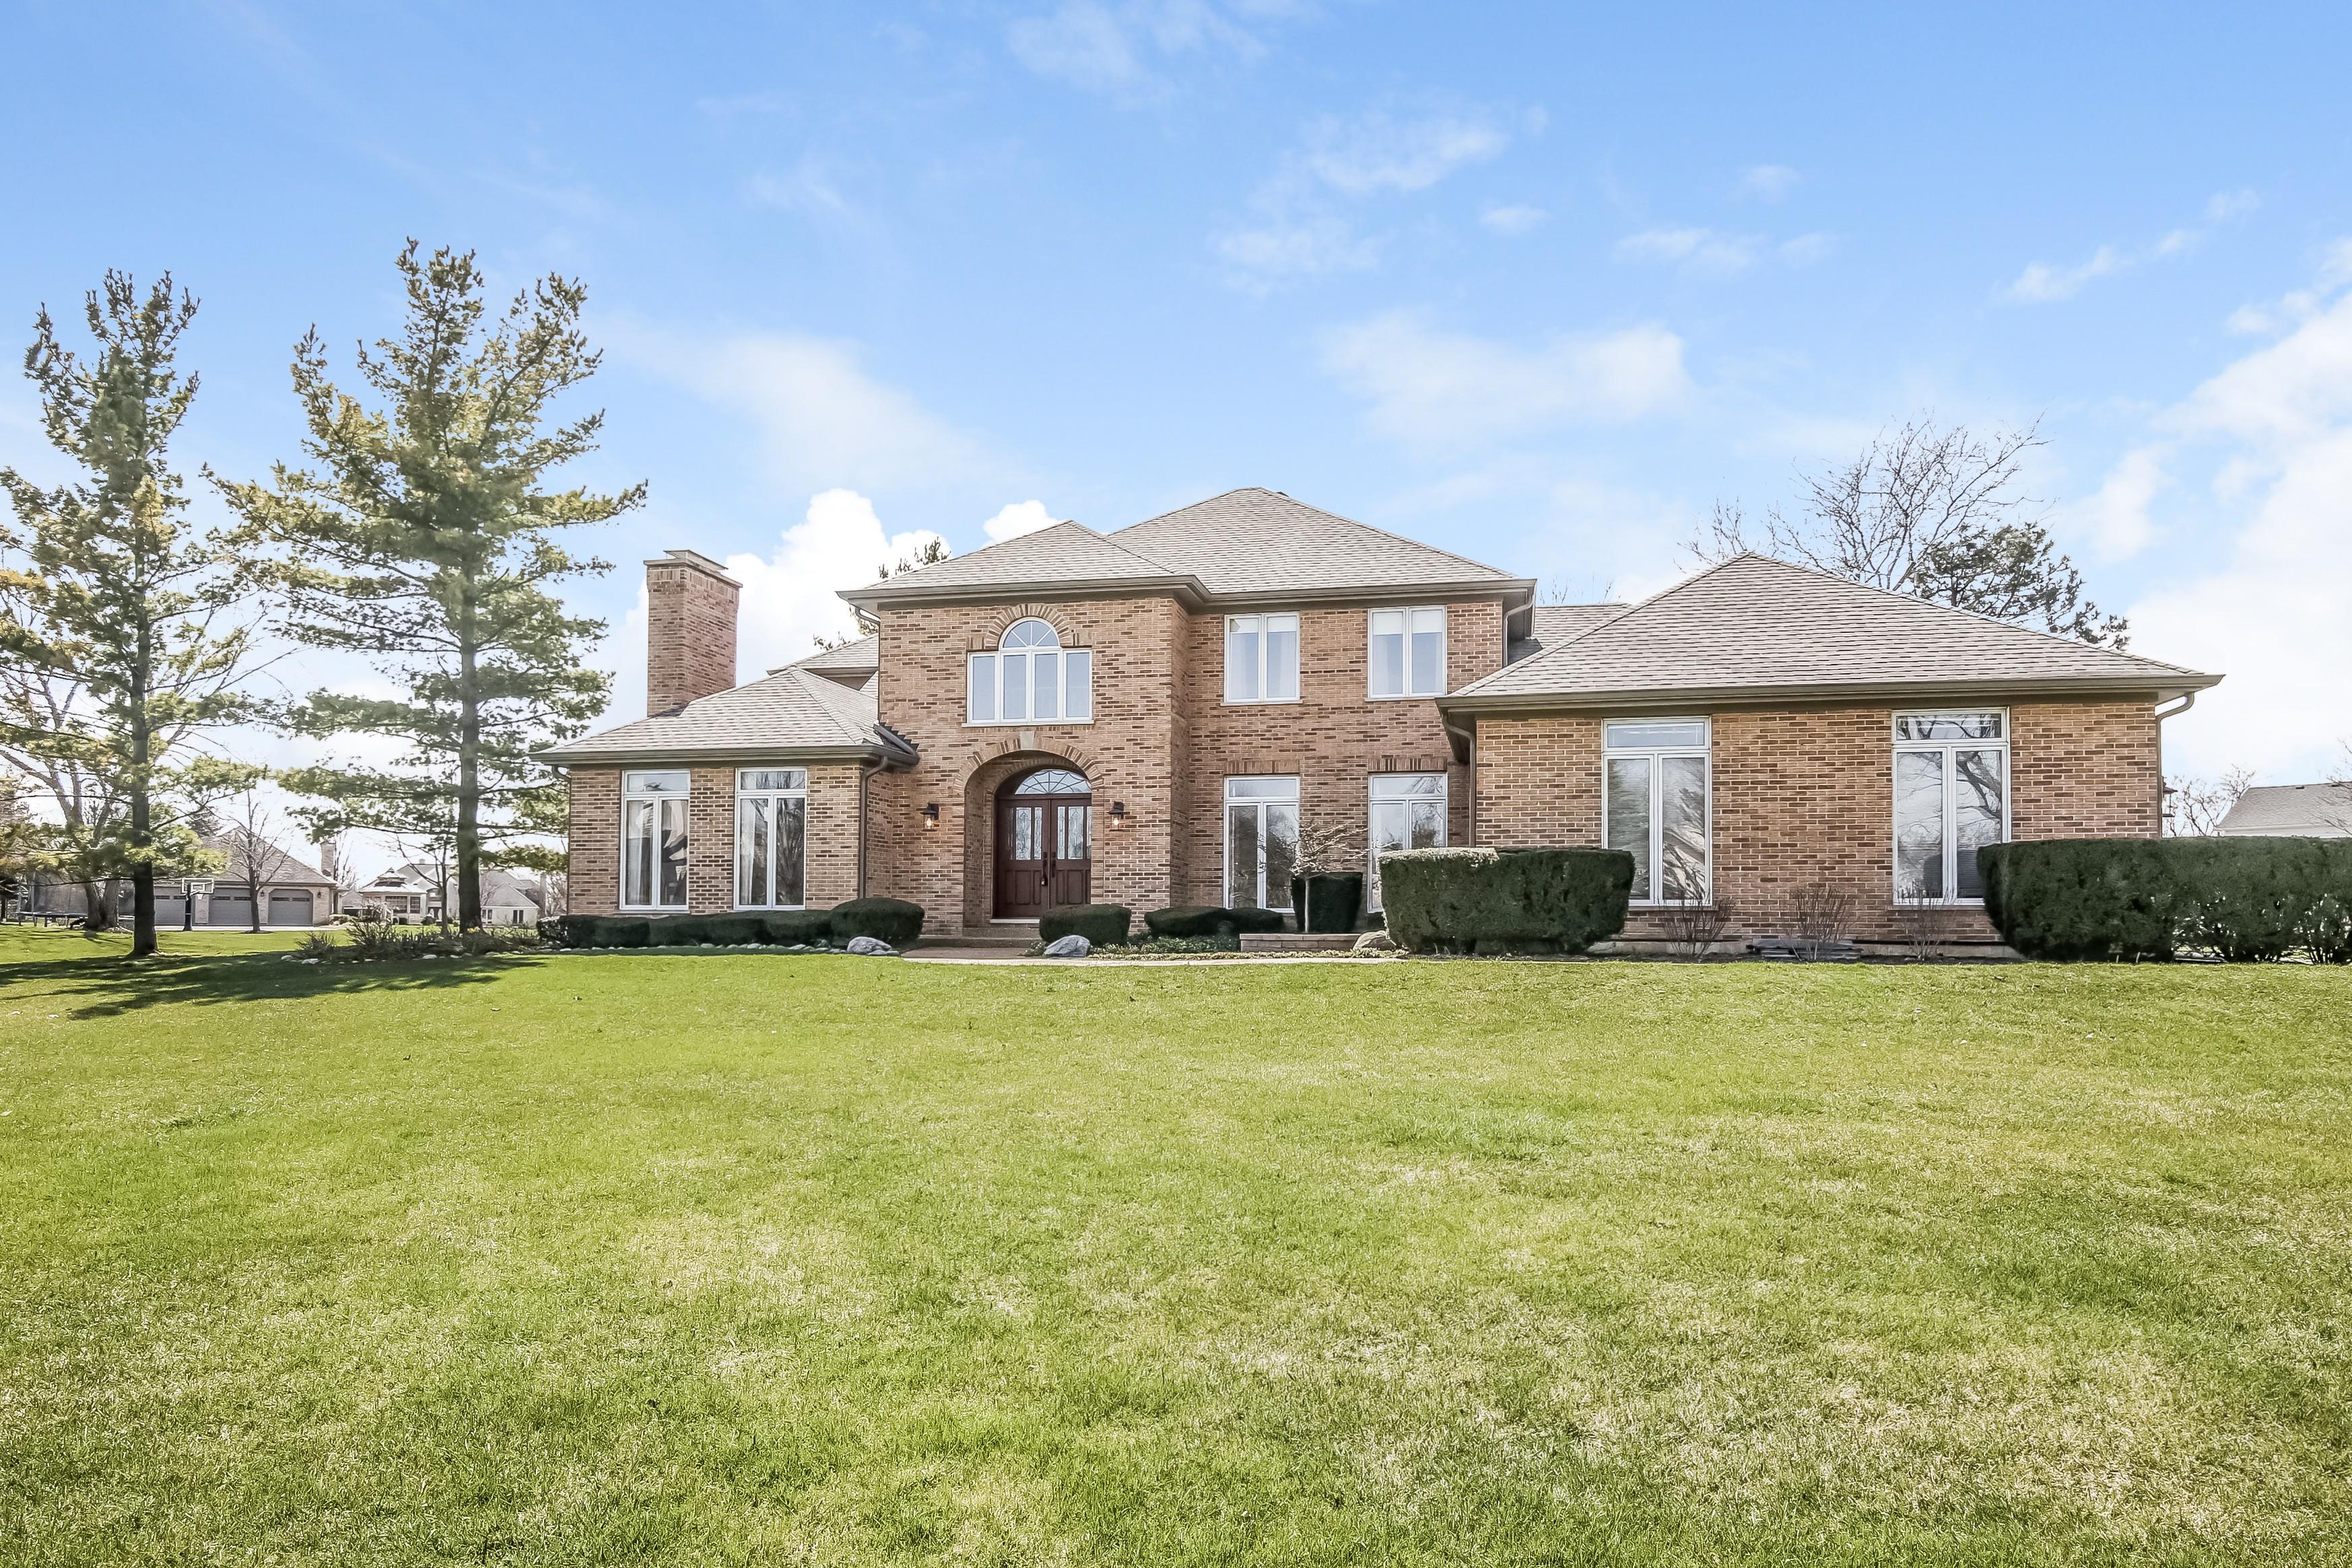 獨棟家庭住宅 為 出售 在 Vacation Year Round! 43 Watergate Drive South Barrington, 伊利諾斯州, 60010 美國